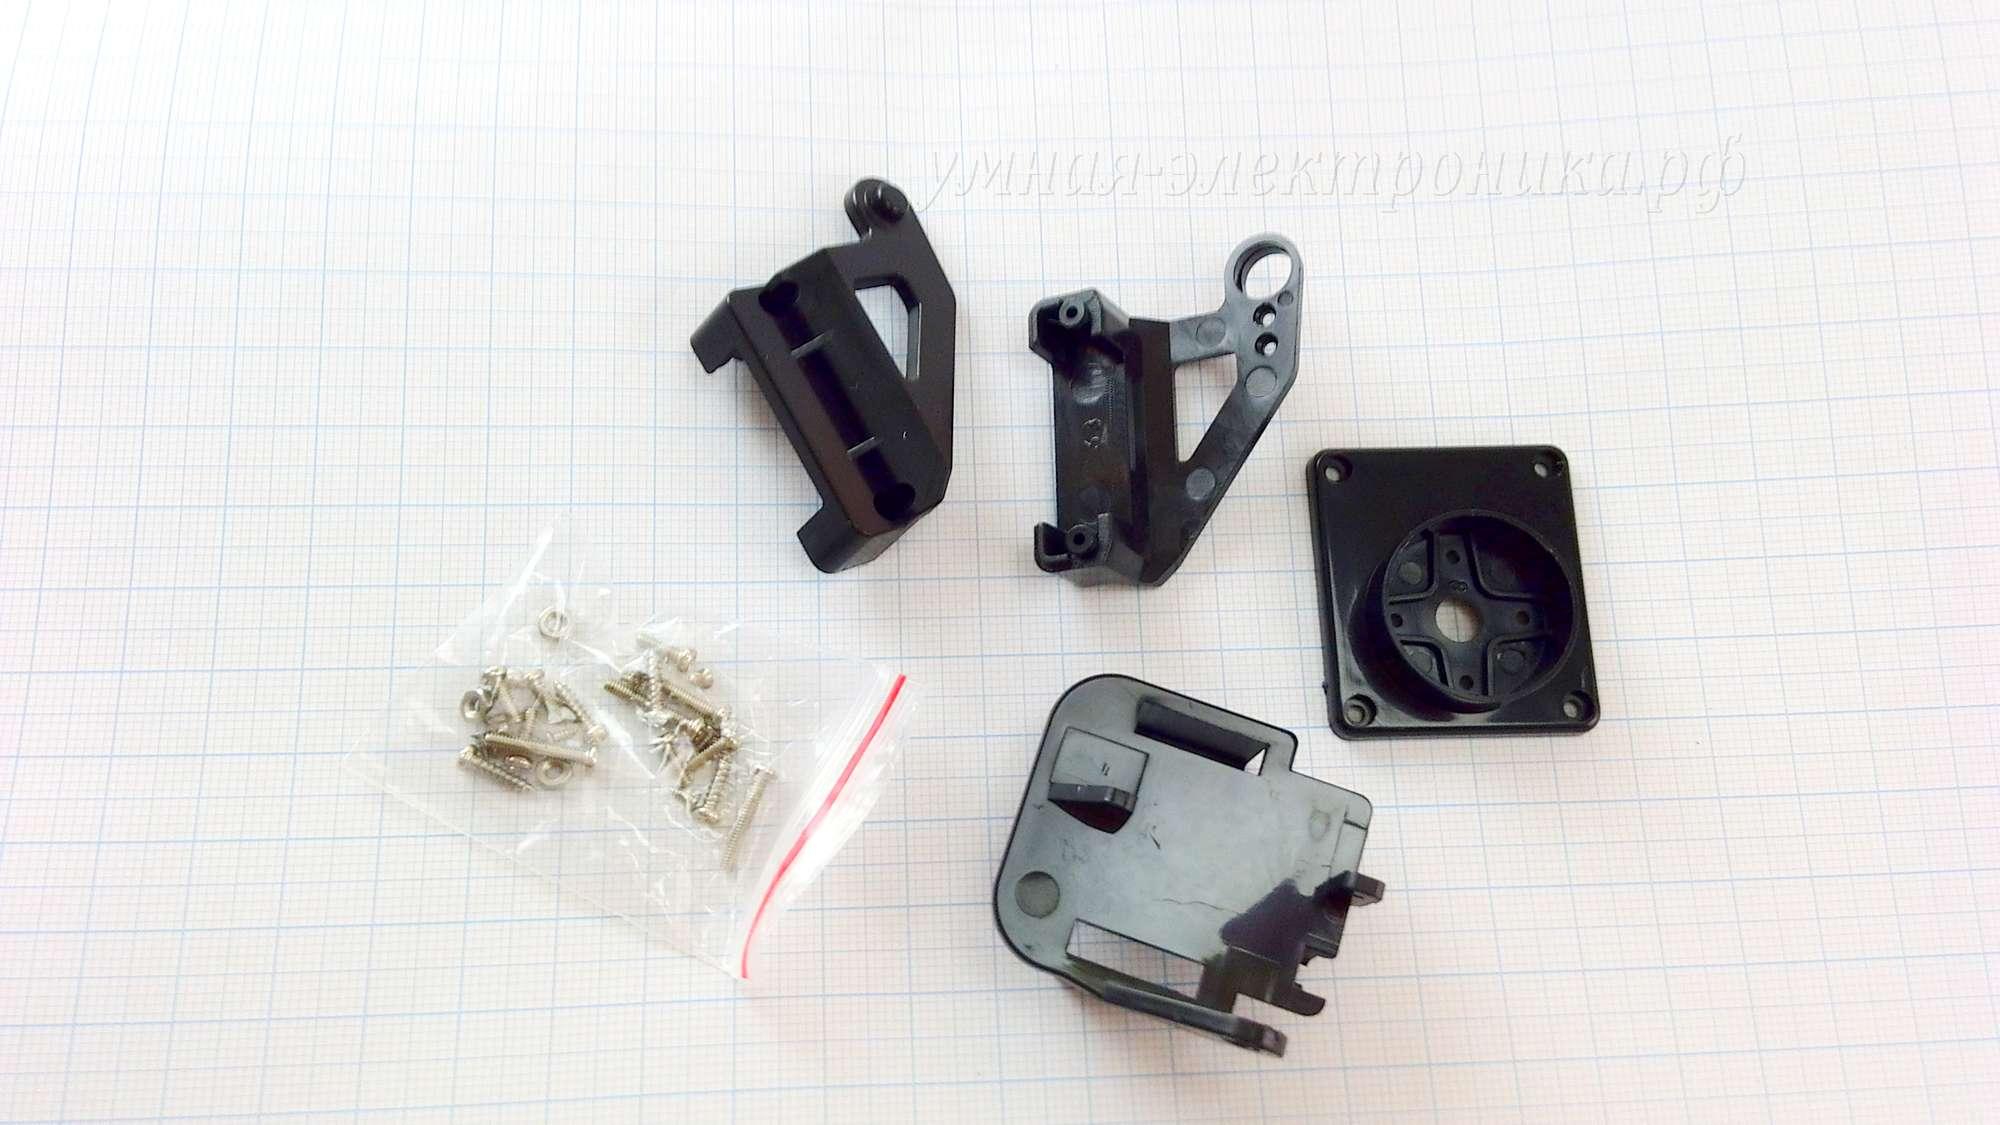 Кронштейн для камеры FPV Servo с поворотным механизмом в разобранном состоянии